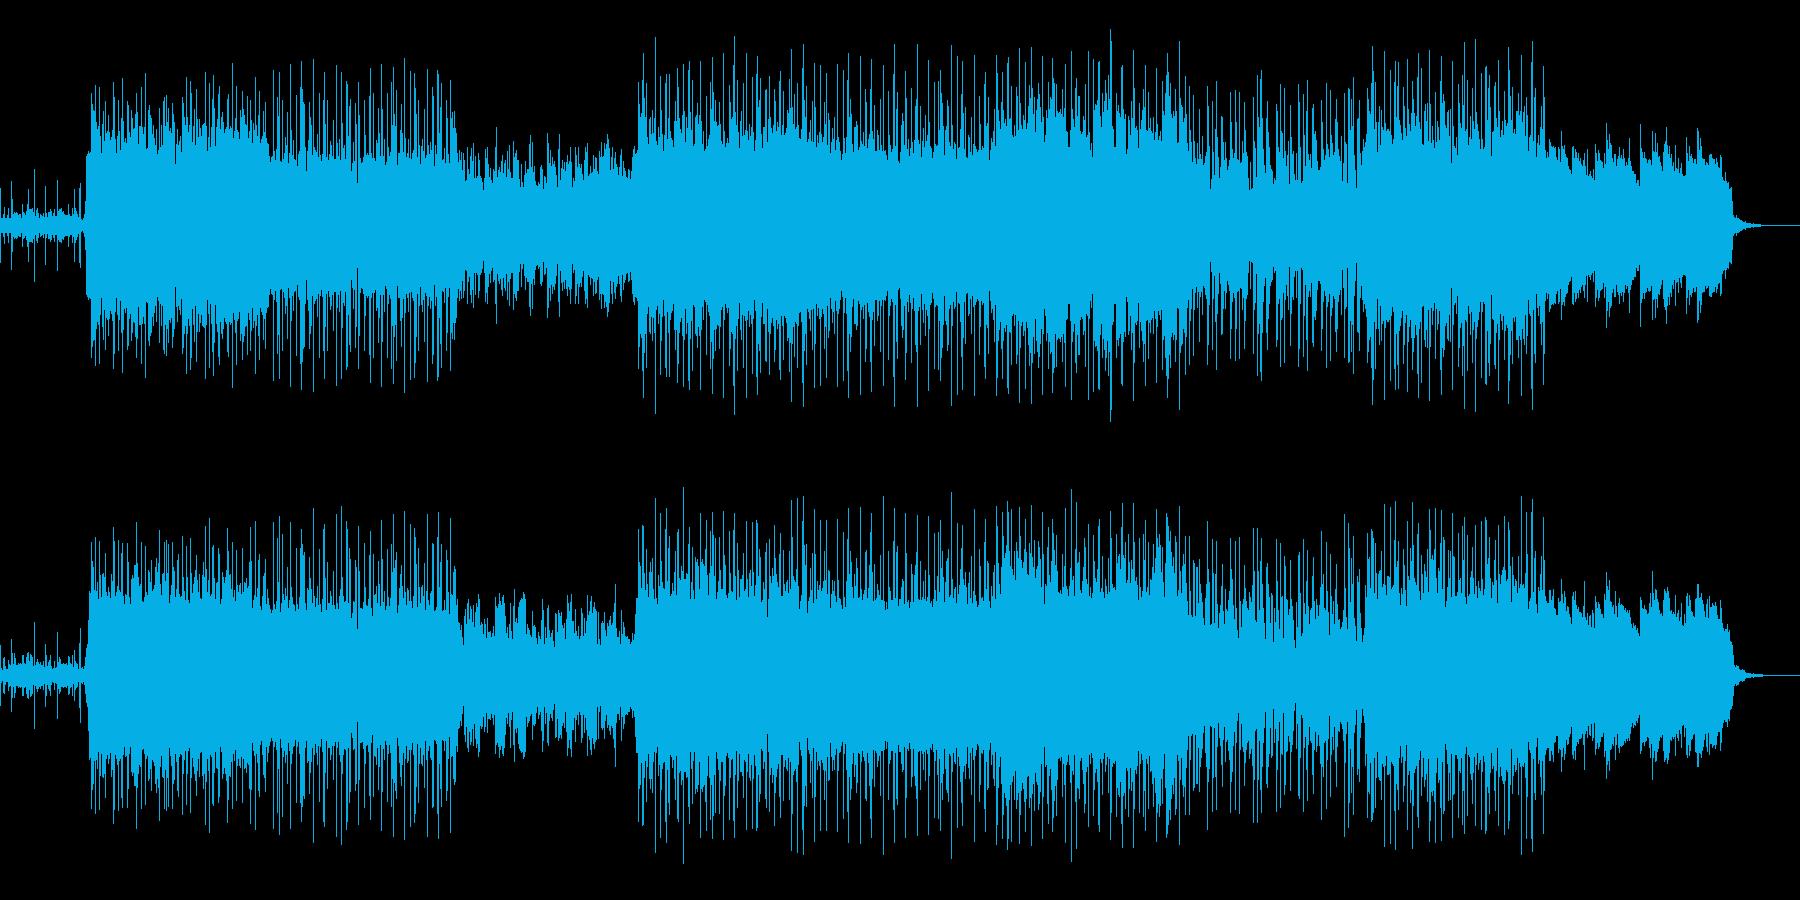 和風チル,ヒップホップ尺八BGM,CM等の再生済みの波形